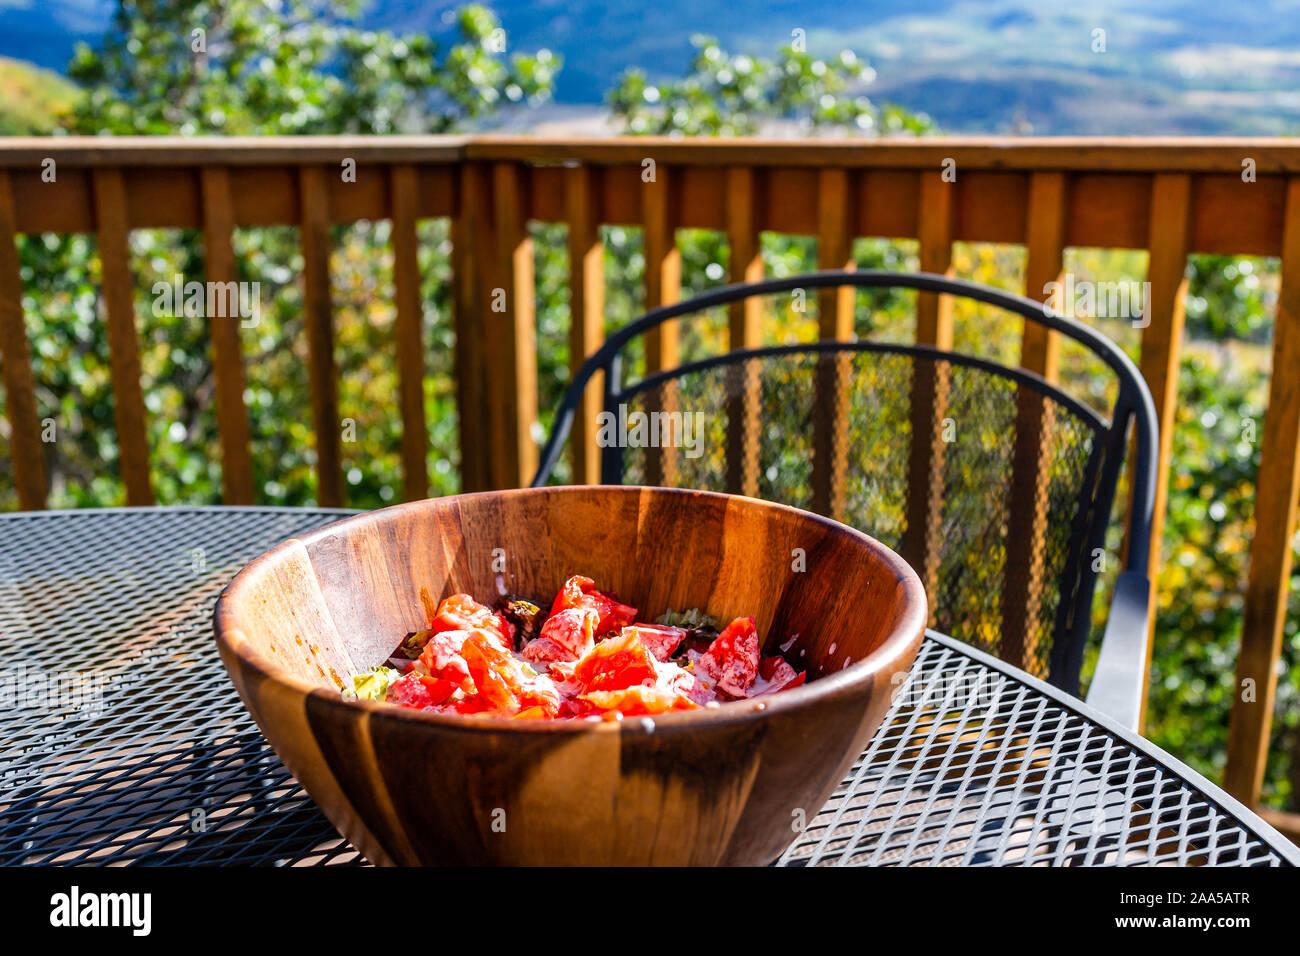 Ensalada De Tomate En Gran Recipiente De Madera En El Balcón